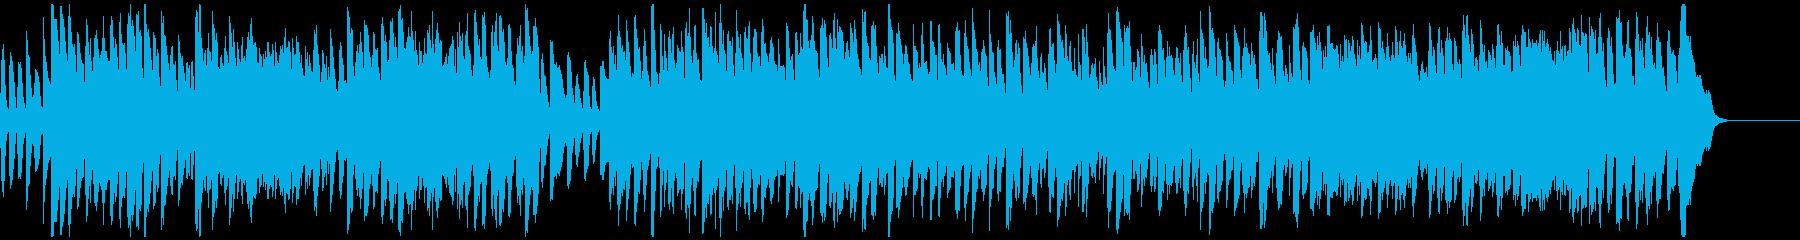 バッハ_インヴェンション第8番_ピアノの再生済みの波形